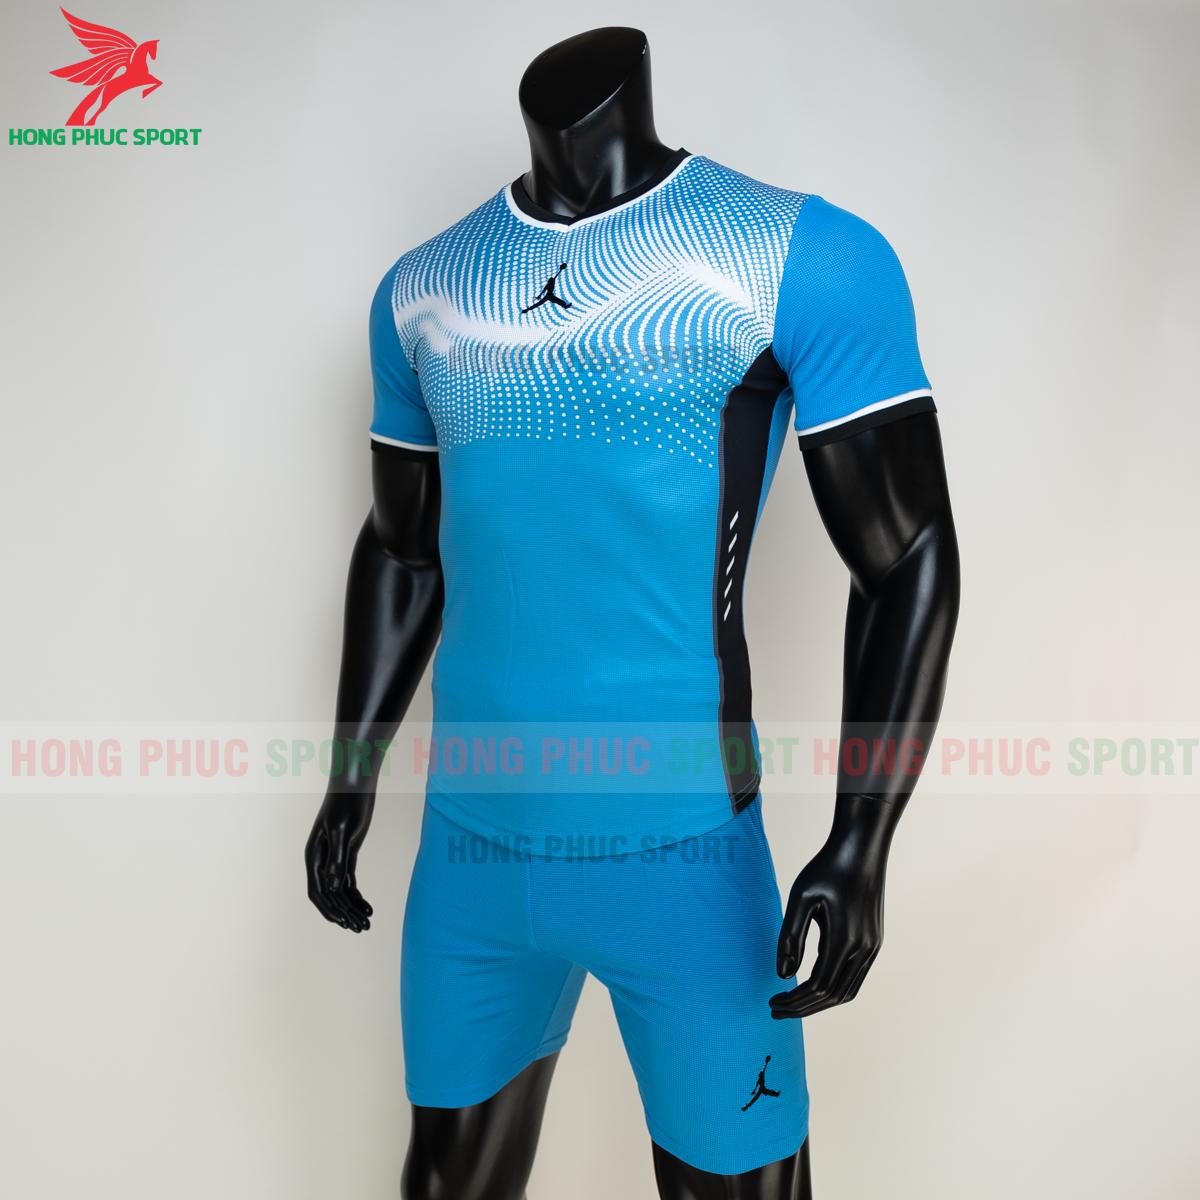 https://cdn.hongphucsport.com/unsafe/s4.shopbay.vn/files/285/ao-bong-chuyen-khong-logo-jordan-wave-mau-xanh-da-4-6050205f6c2d2.png